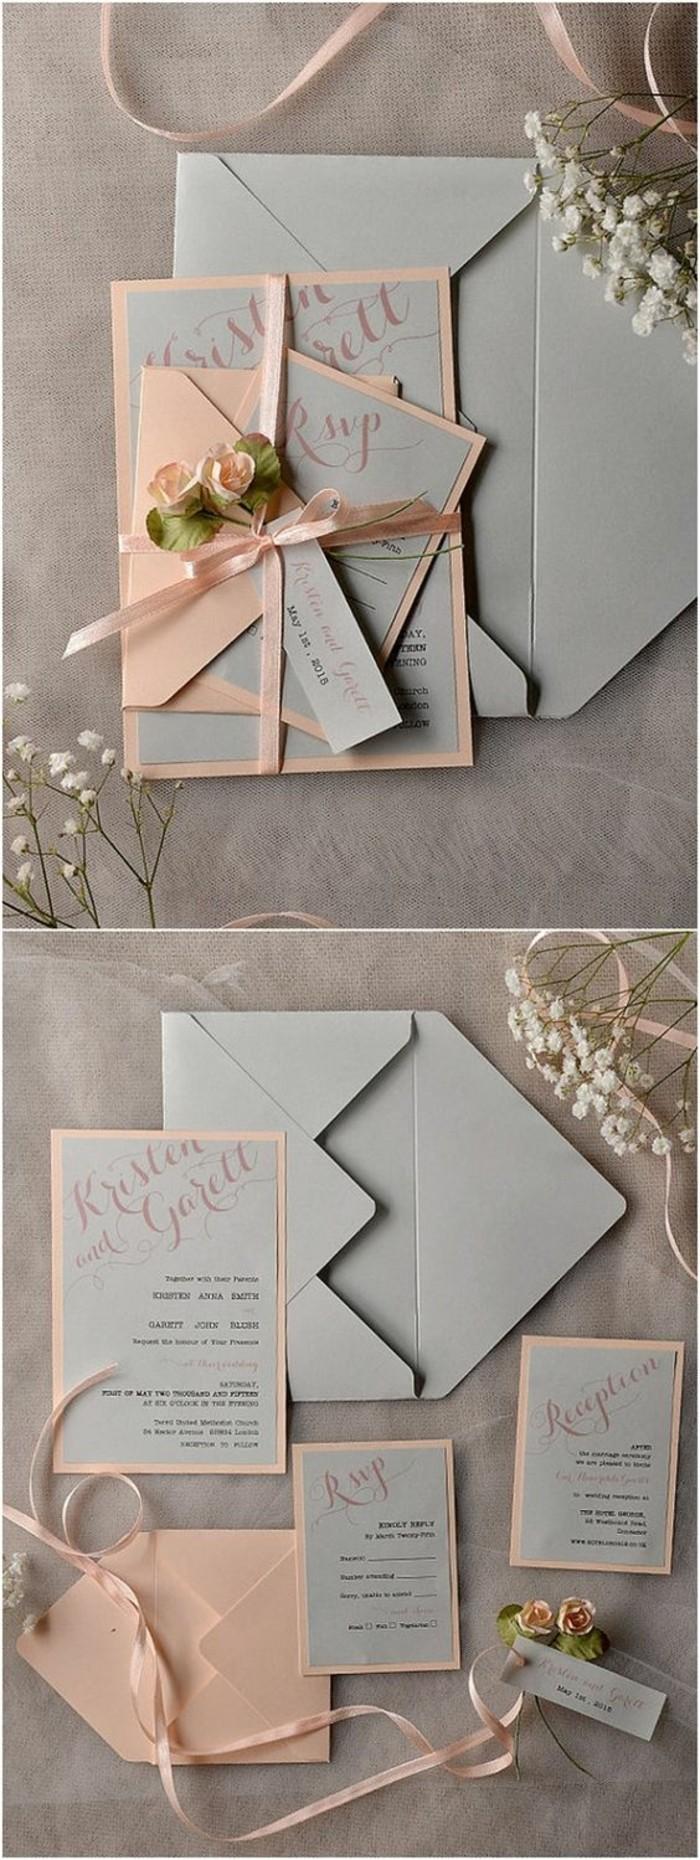 modele-faire-part-mariage-en-papier-rose-cendre-et-gris